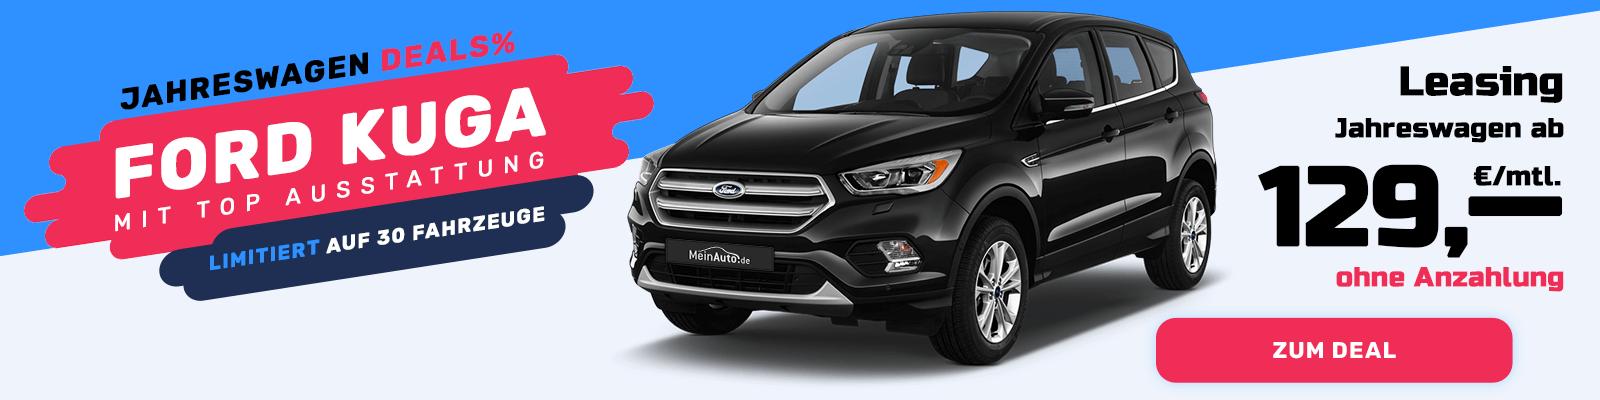 2020-03-ford-kuga-gebrauchtwagen-deal